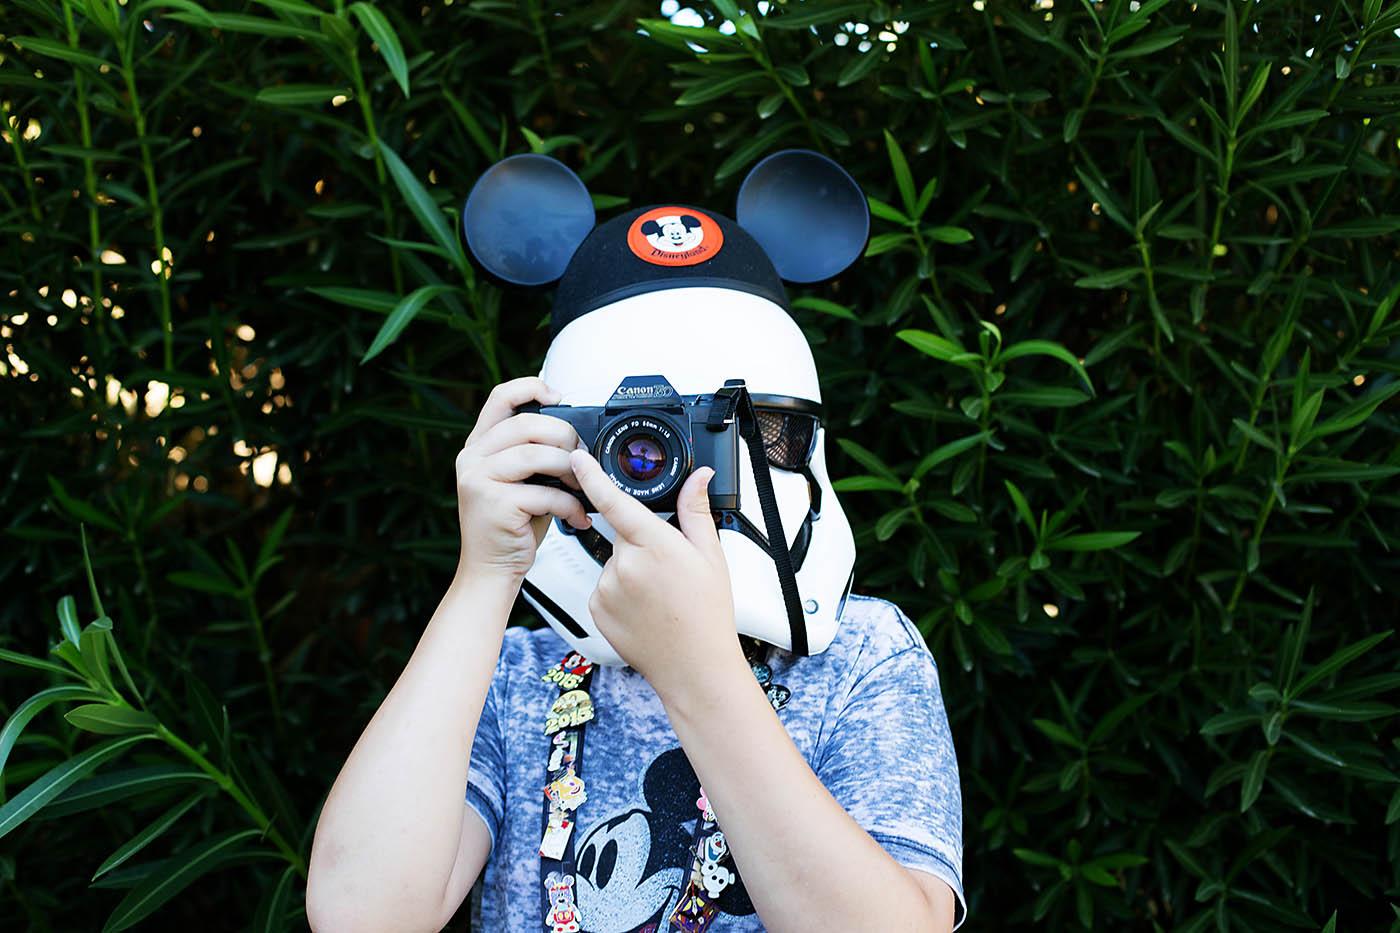 Storm Trooper going to Disneyland